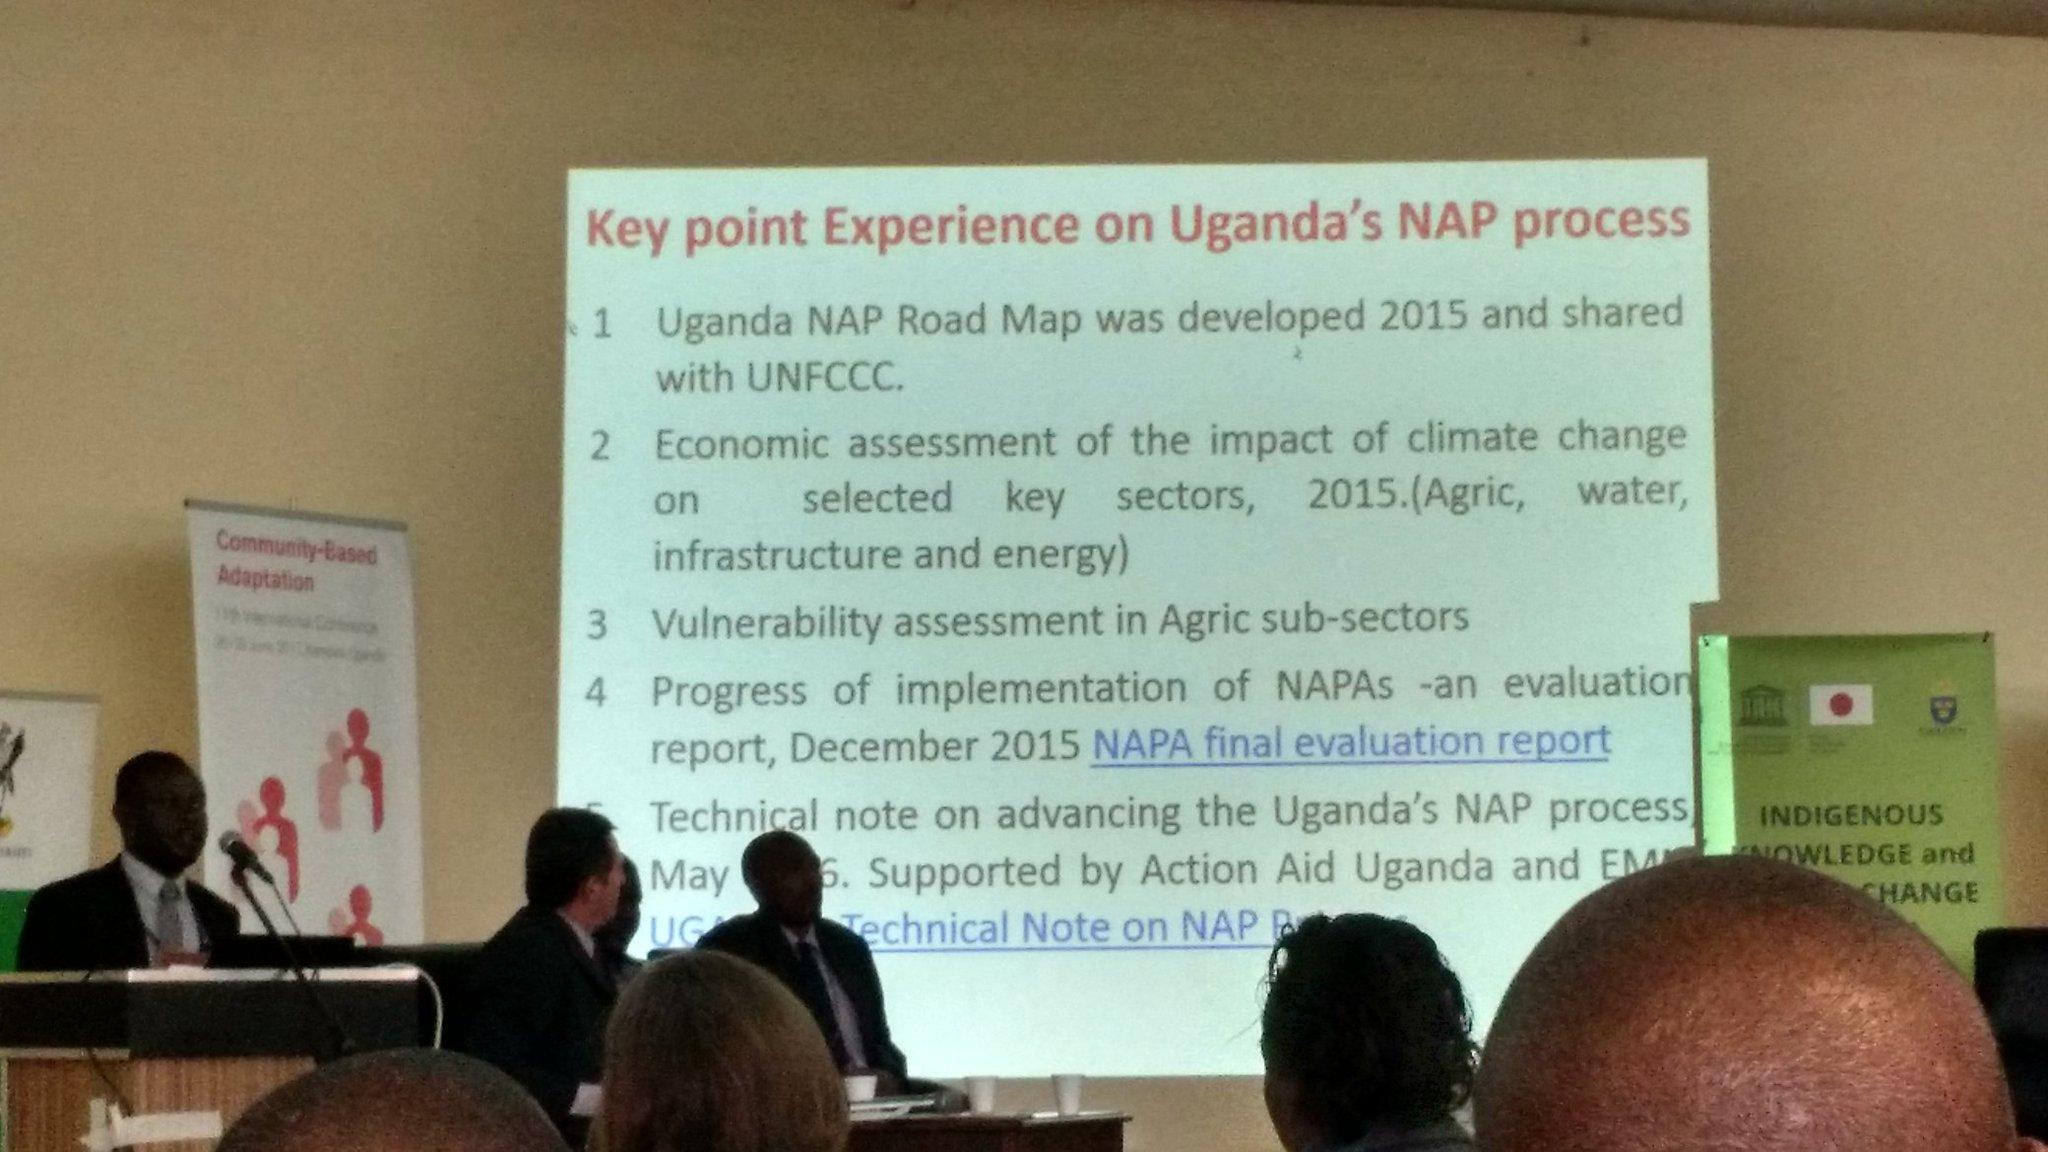 Uganda makes progress on #NAP process #CBA11 #NAPexpo https://t.co/6EHe9cAHvx